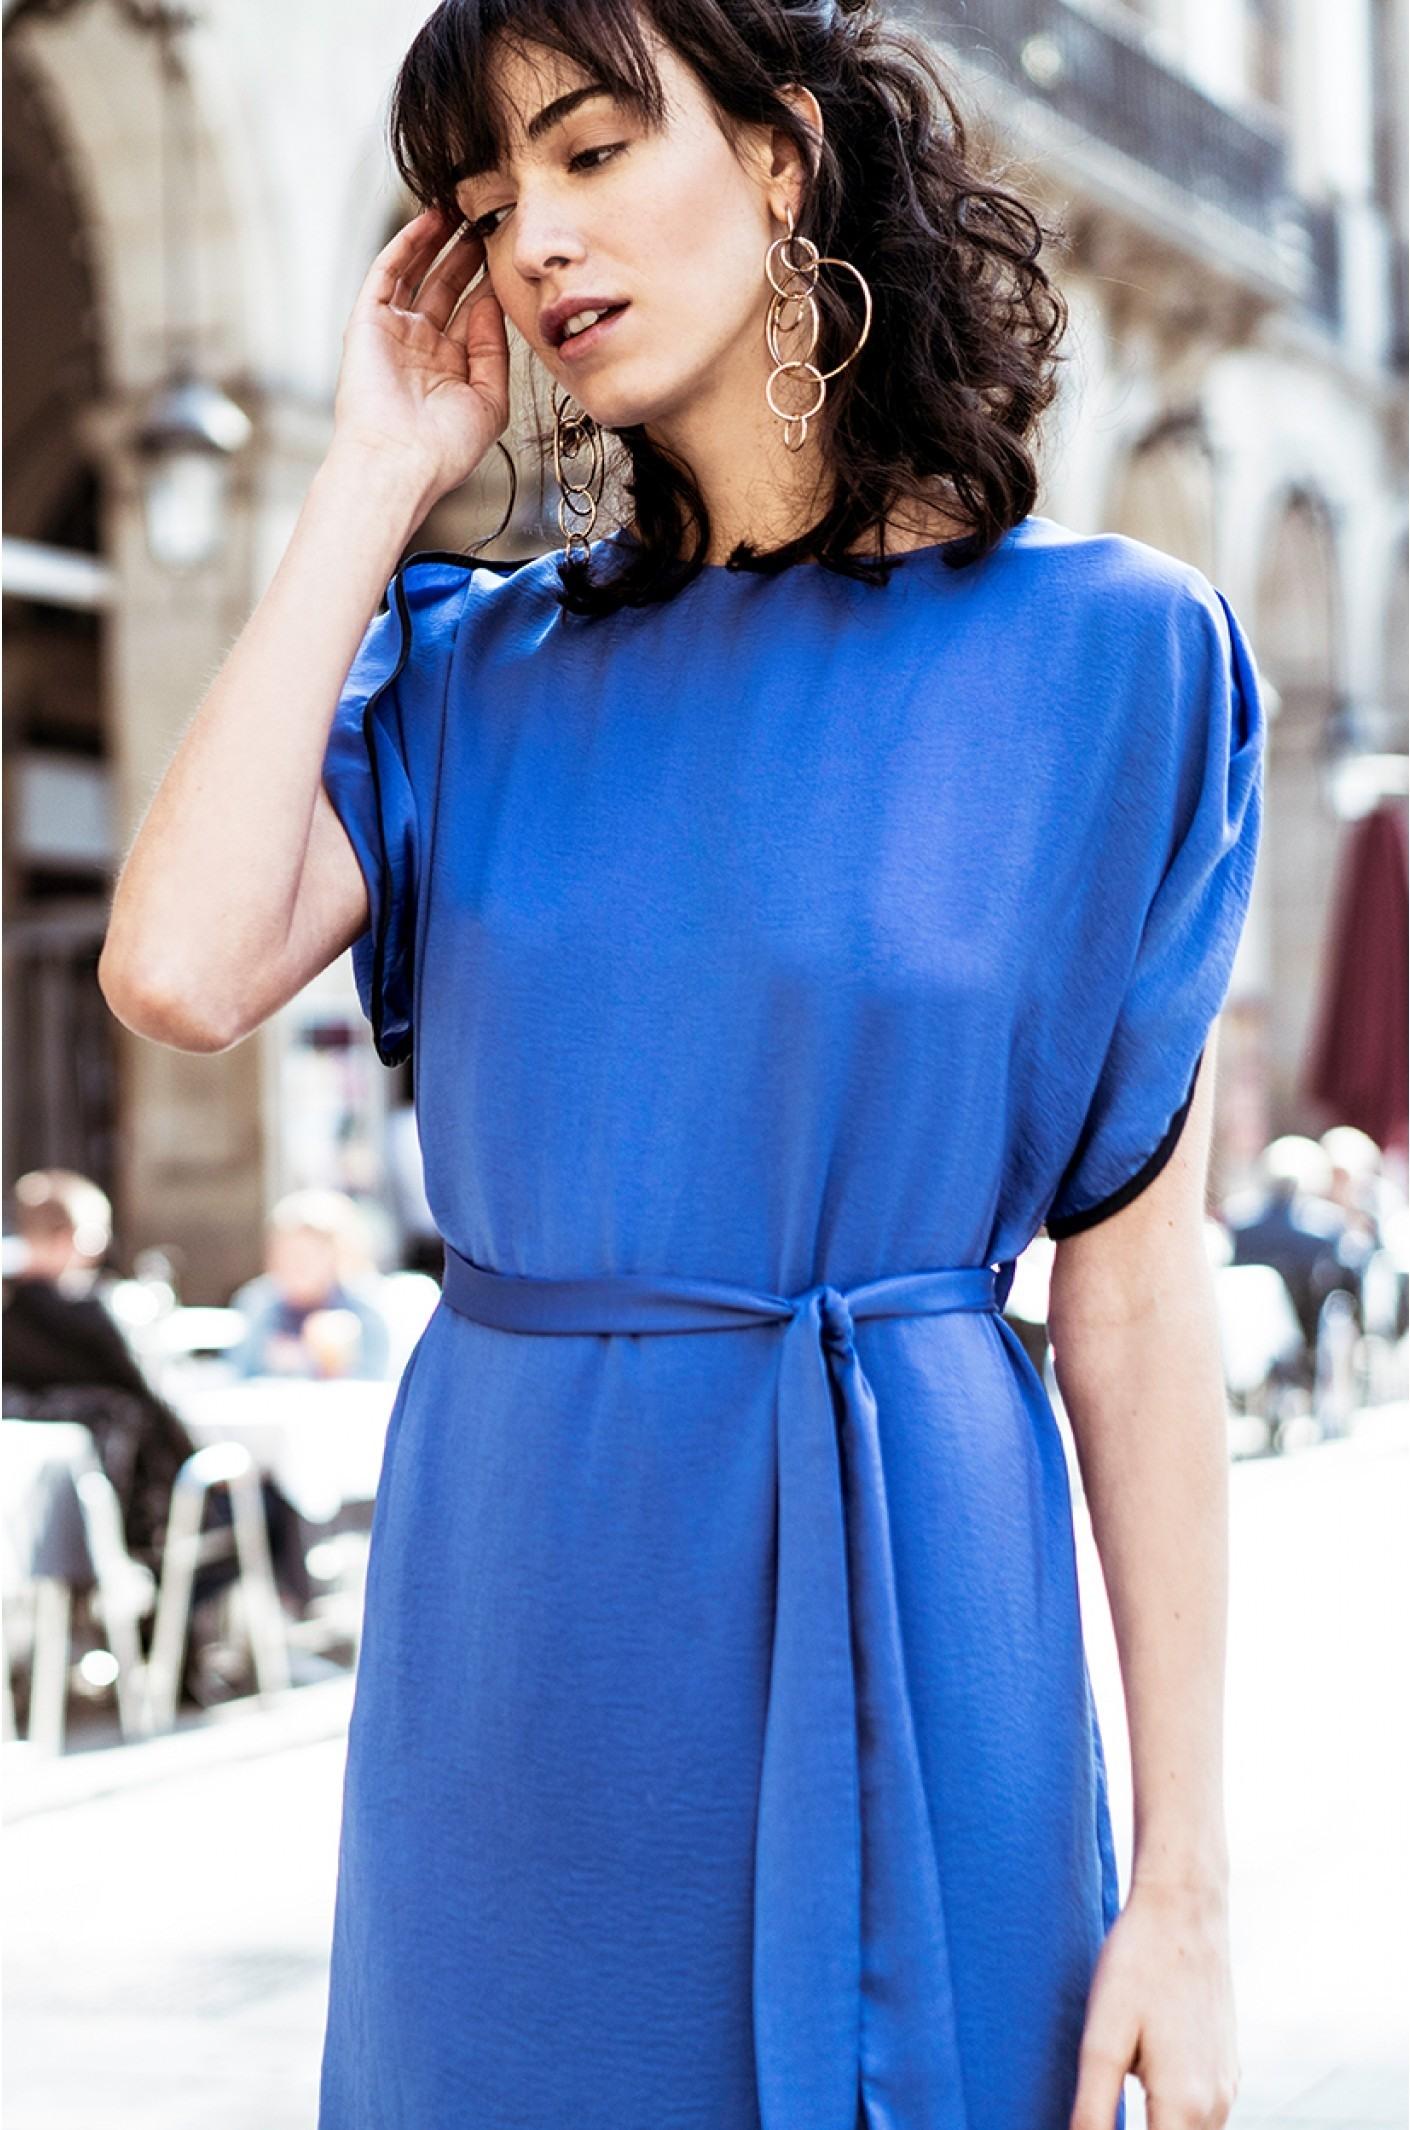 Abend Schön Blaues Kleid Mit Ärmeln für 2019Abend Leicht Blaues Kleid Mit Ärmeln Design